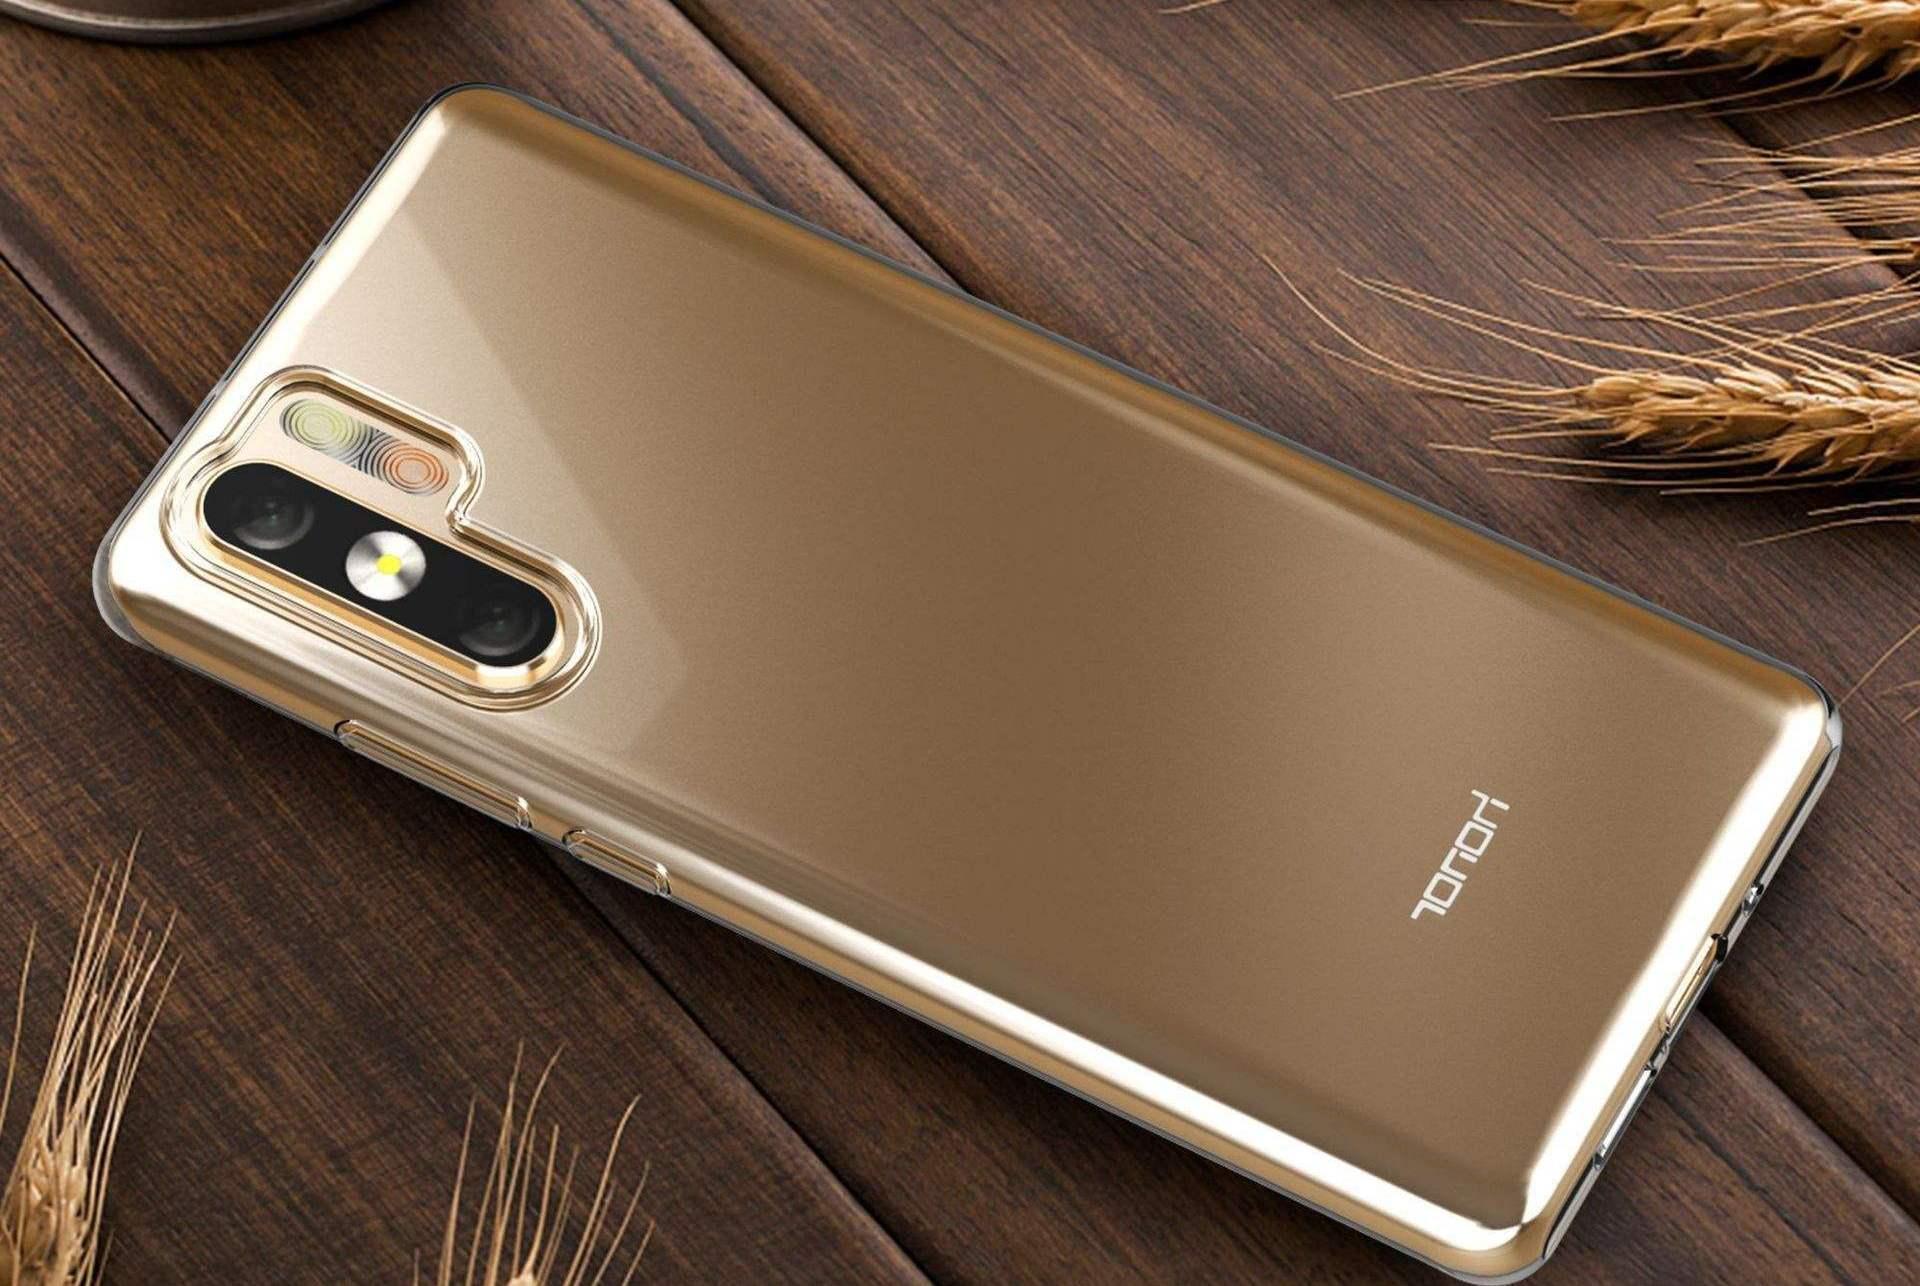 手机拍照进入专业时代:华为P30 Pro发布!50倍变焦,黑夜变白天